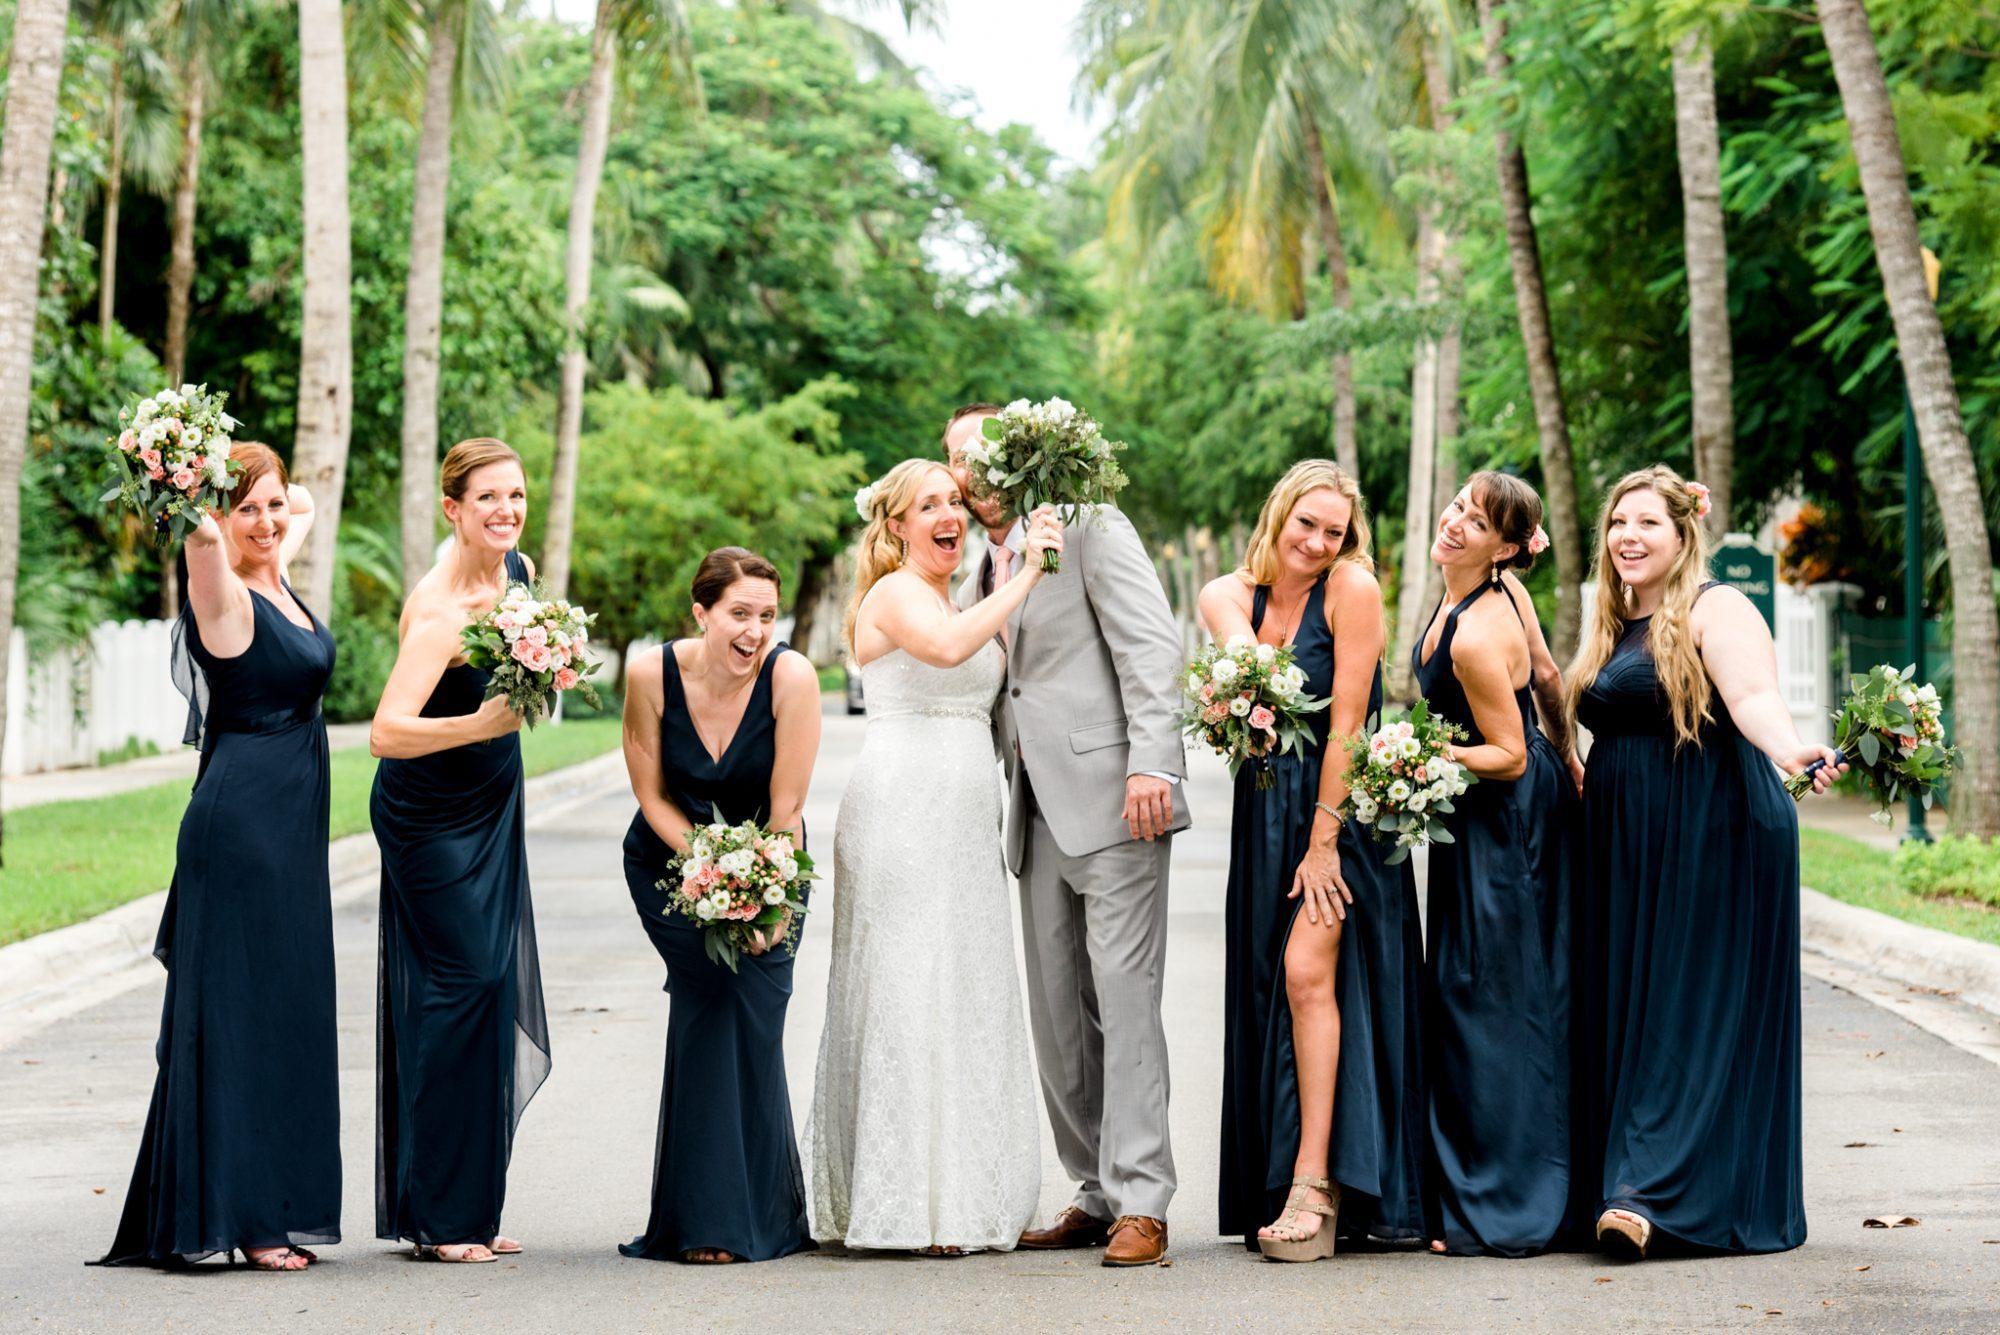 Colleen Jonathan Audubon House Wedding Key West 30 - Colleen & Jonathon | Audubon House and Gardens | Key West Wedding